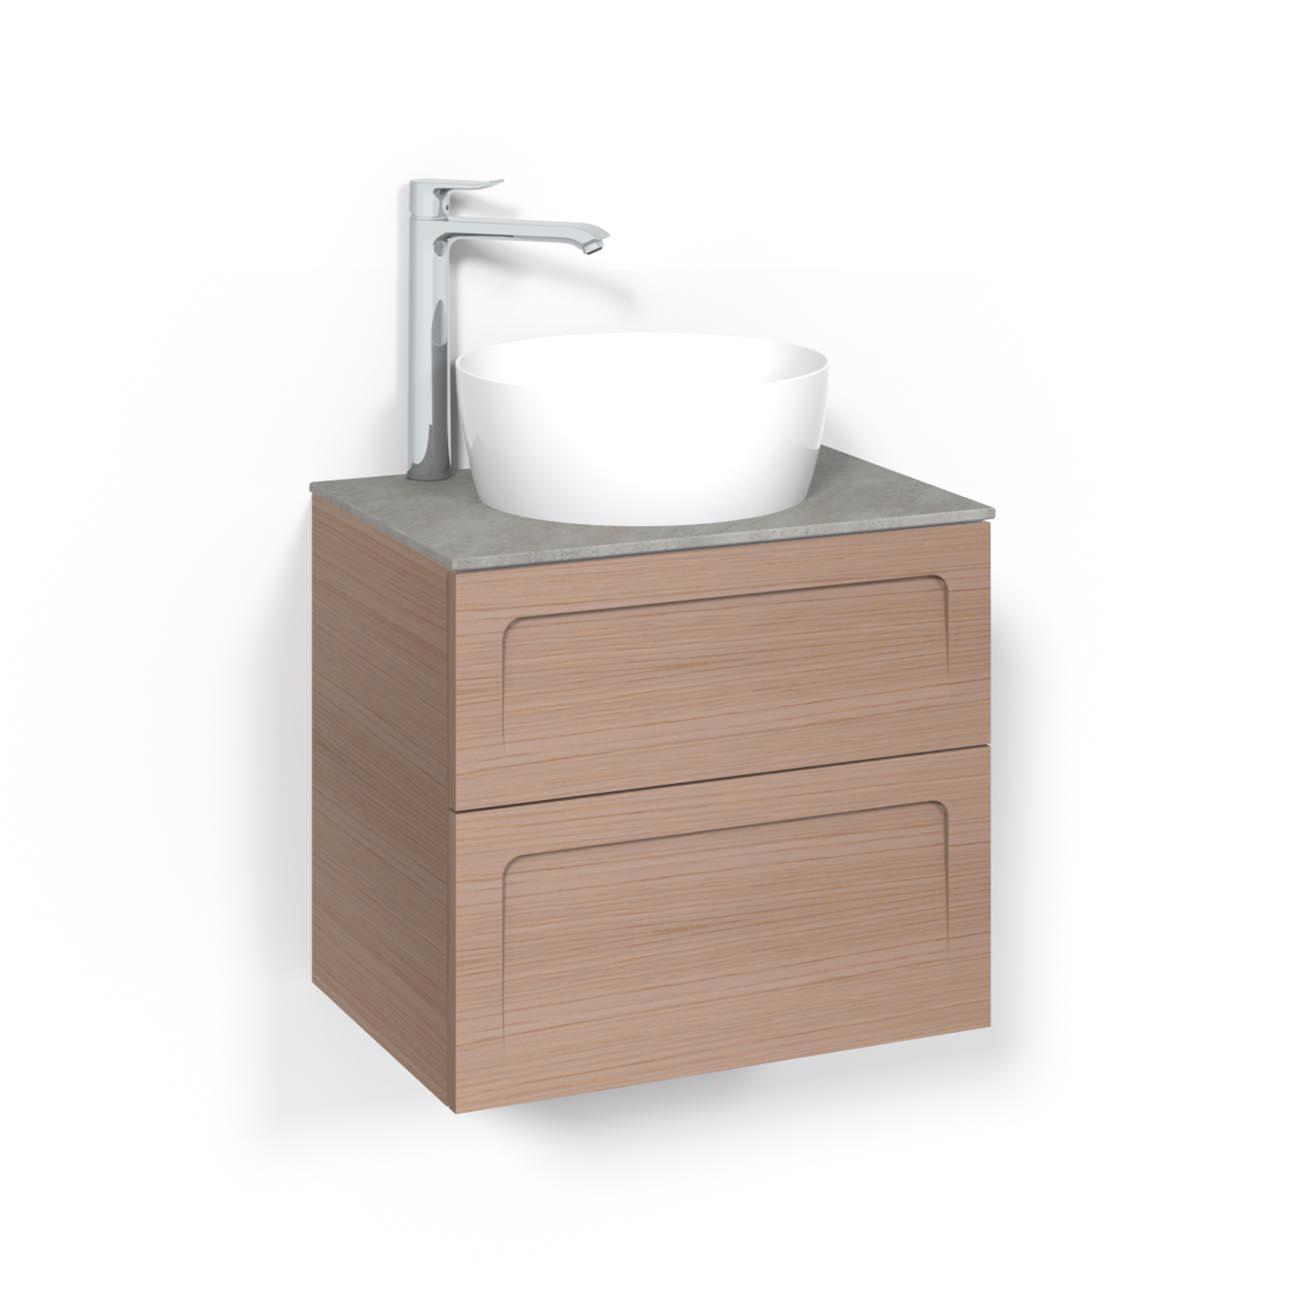 Tvättställsskåp Macro Design Crown Ramlucka Ovanpåliggande Tvättställ